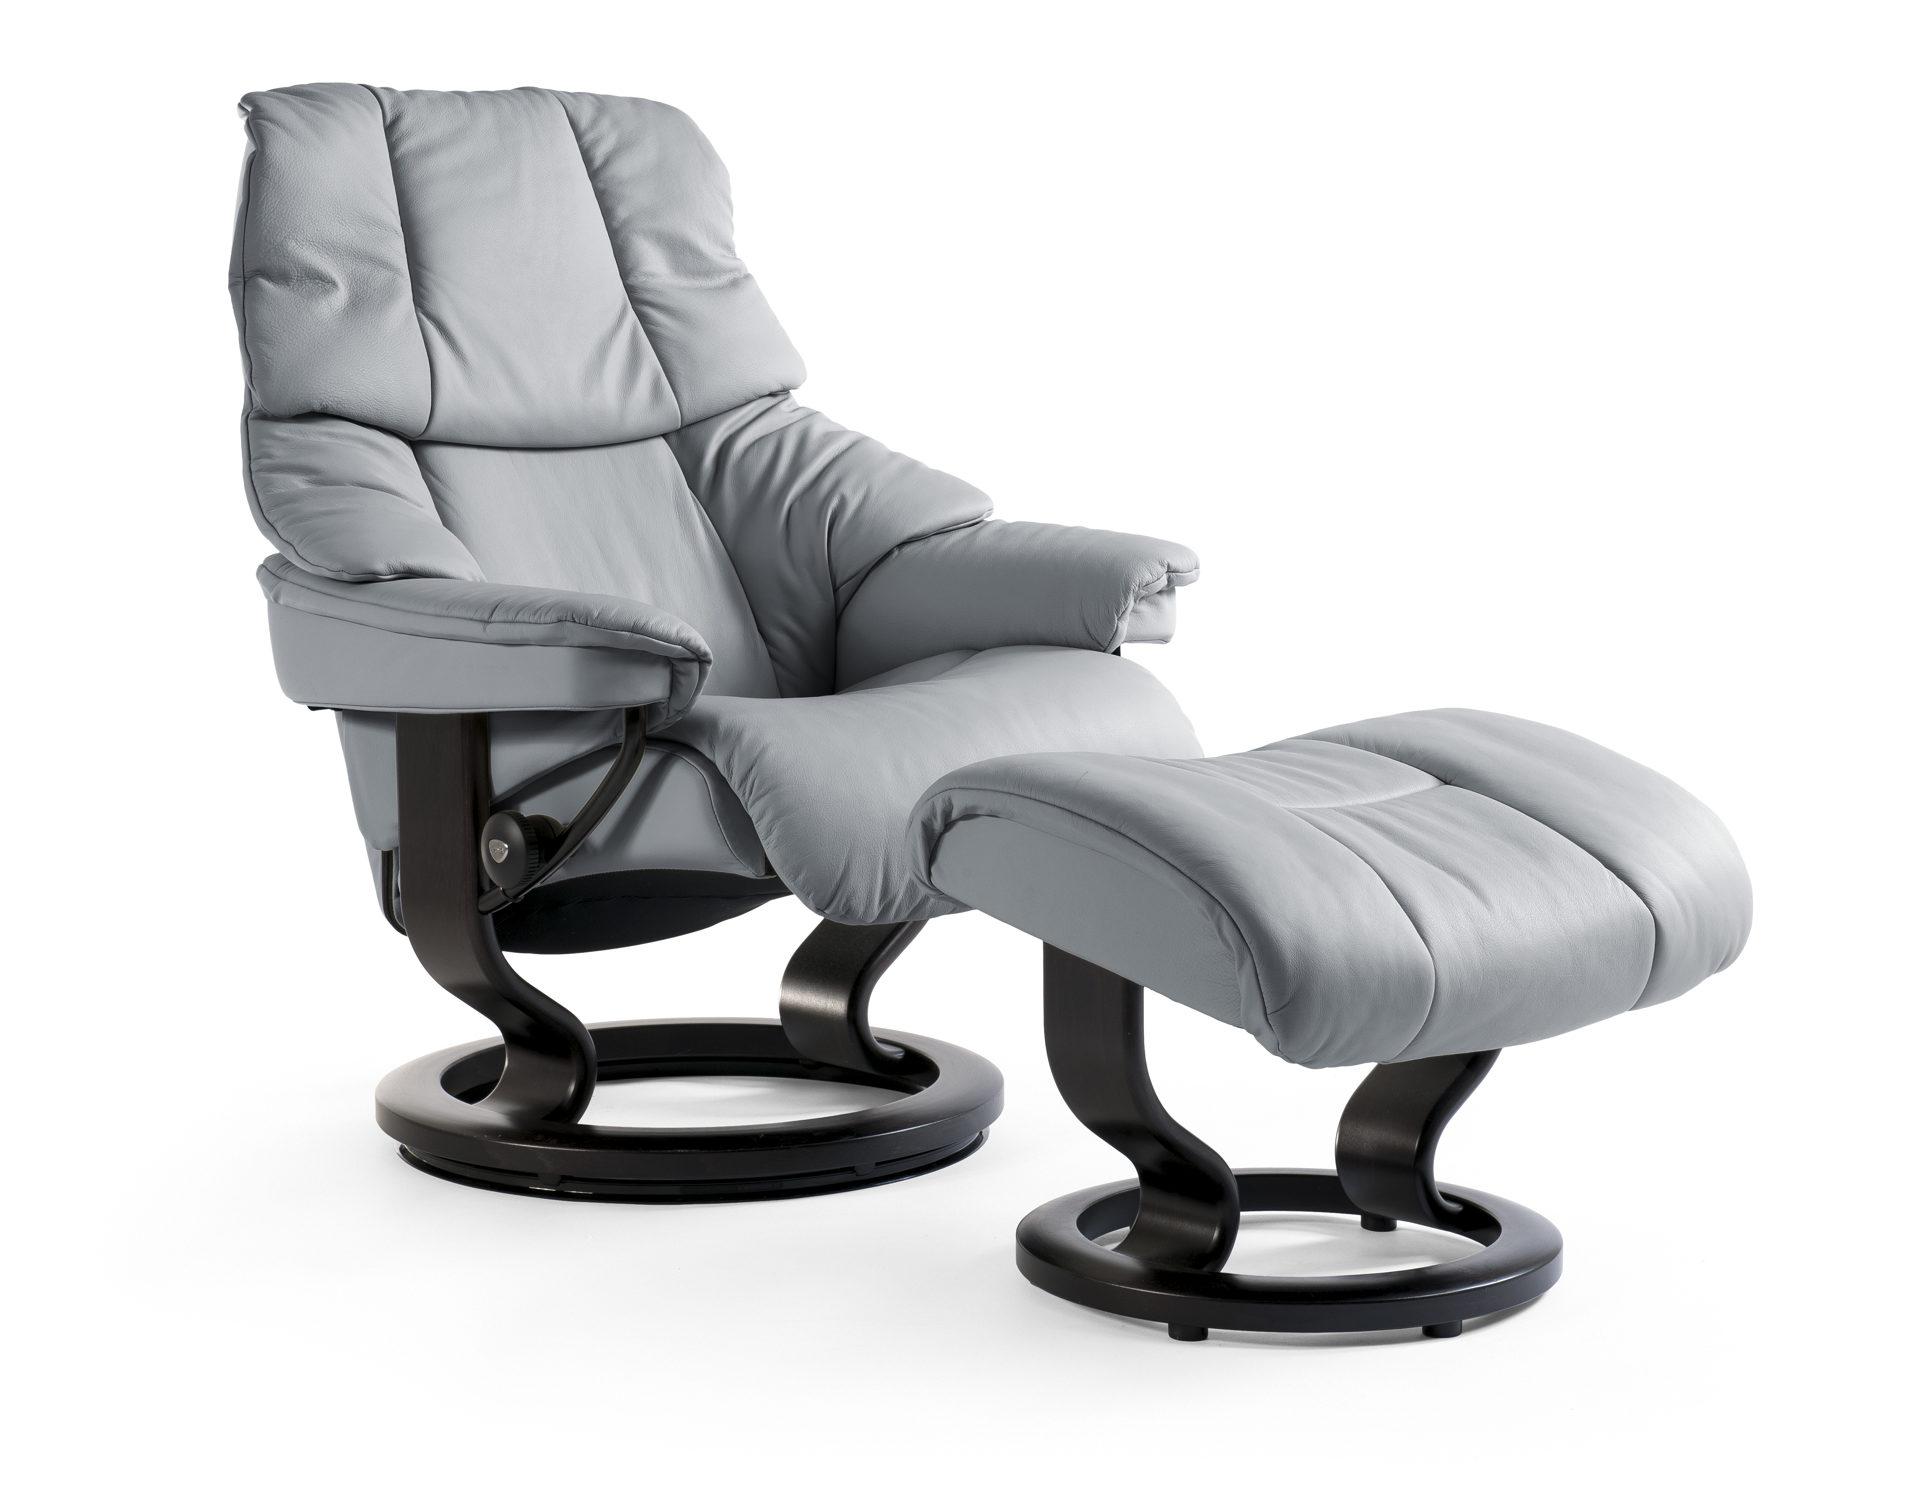 Relaxsessel günstig  Möbel Hugelmann Lahr | Markenshops | Reno | Stressless Reno ...